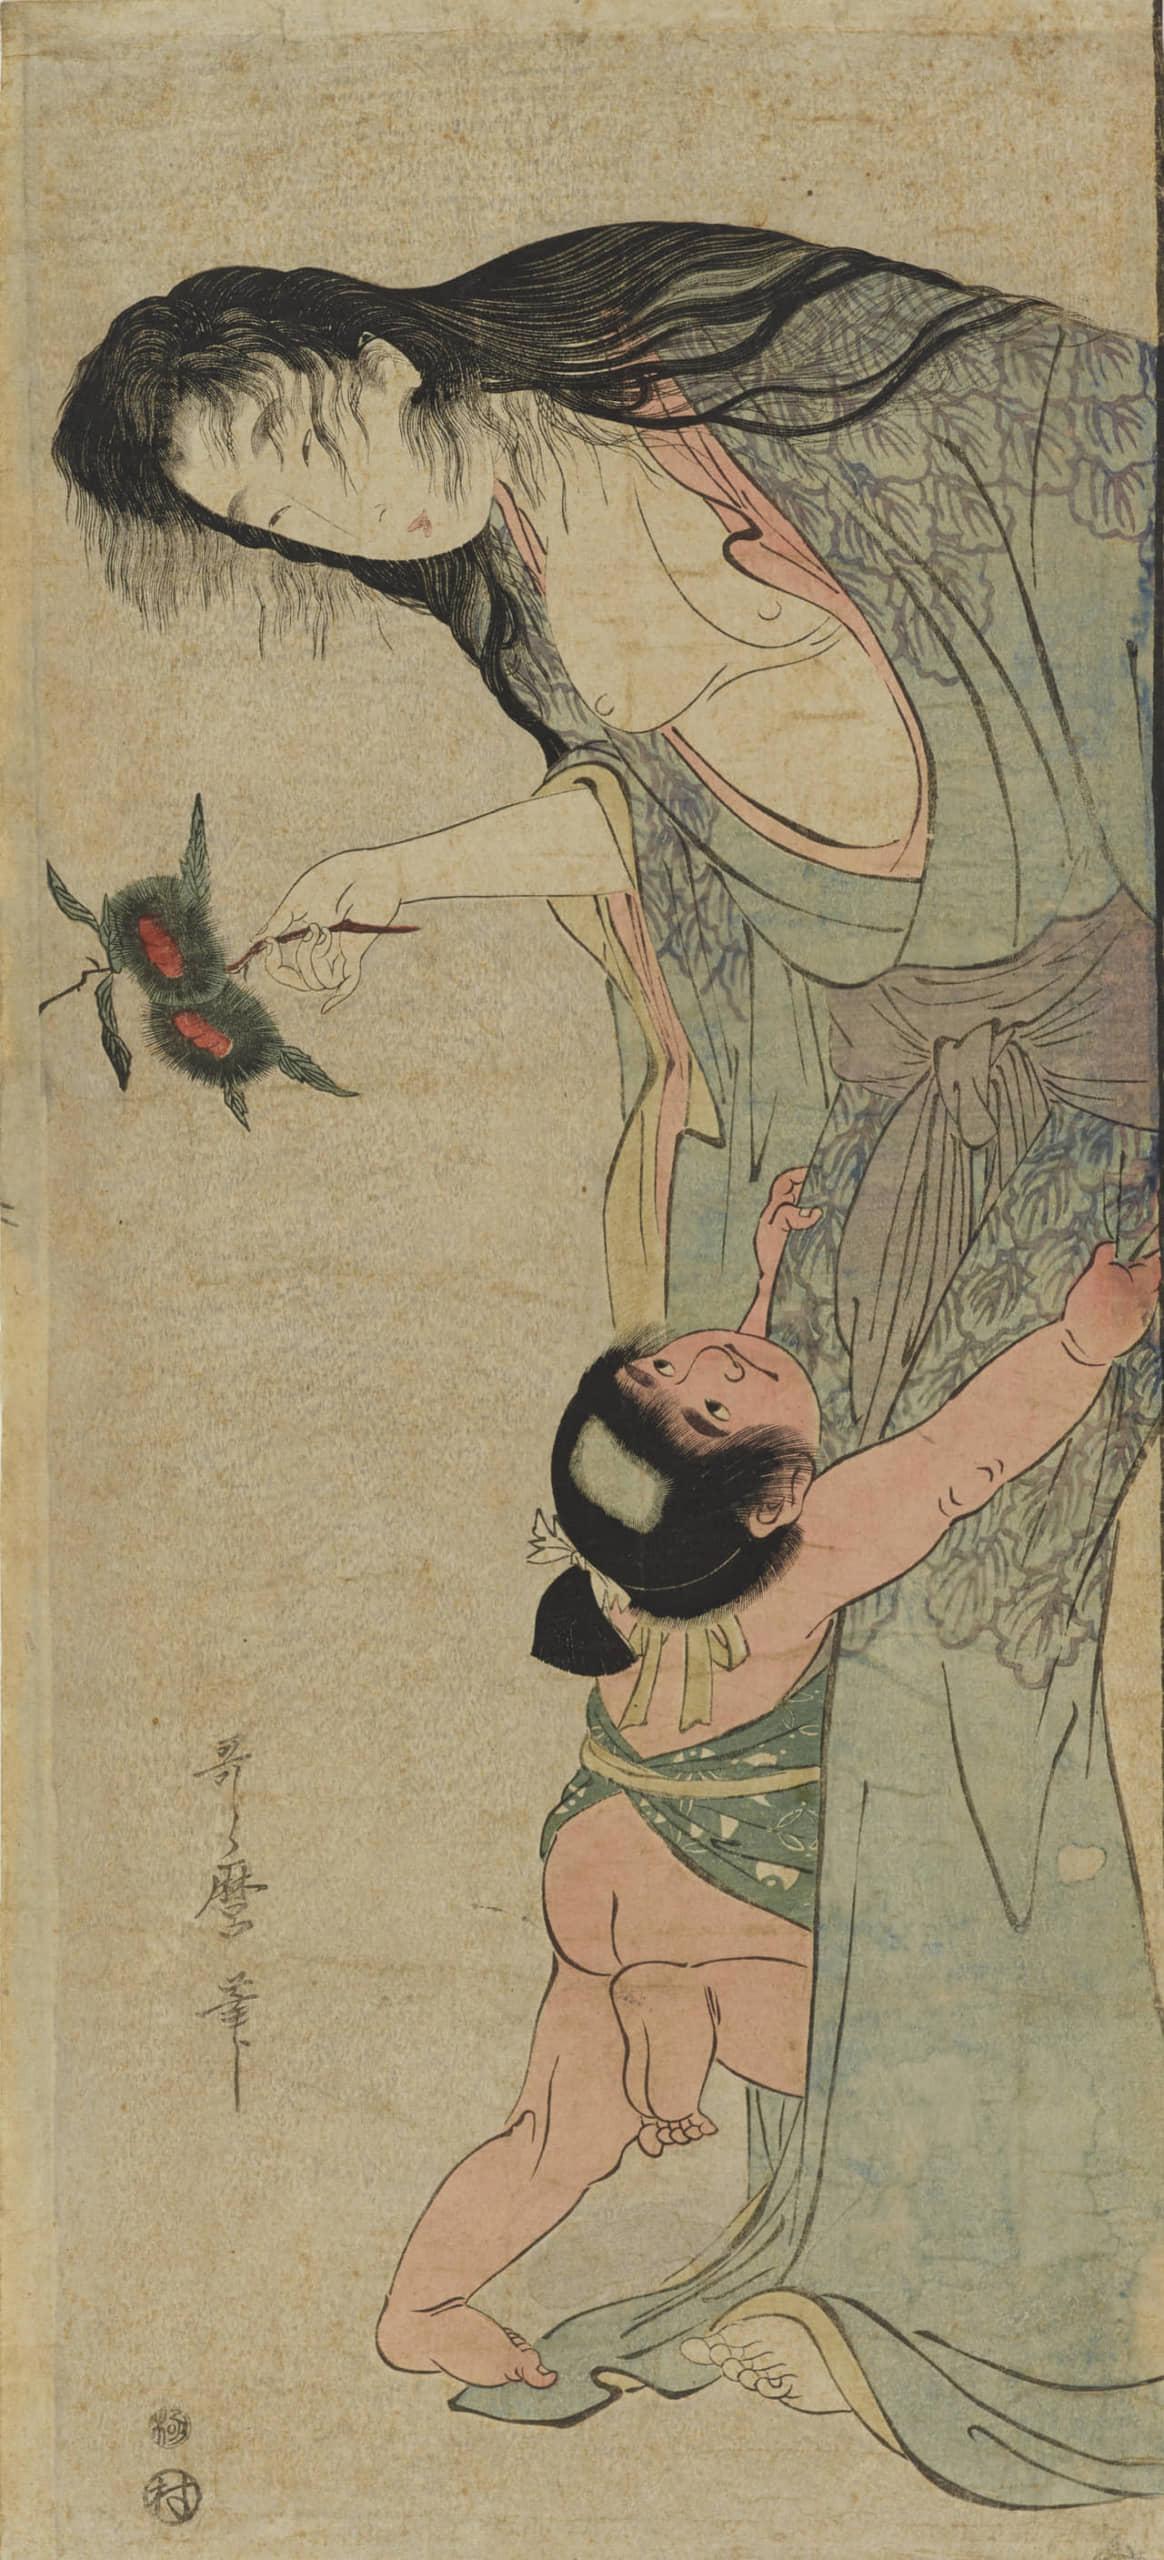 十二鬼月・上弦の陸(ろく)の堕姫(だき)のモチーフは、あのおぞましい山姥だったのか?